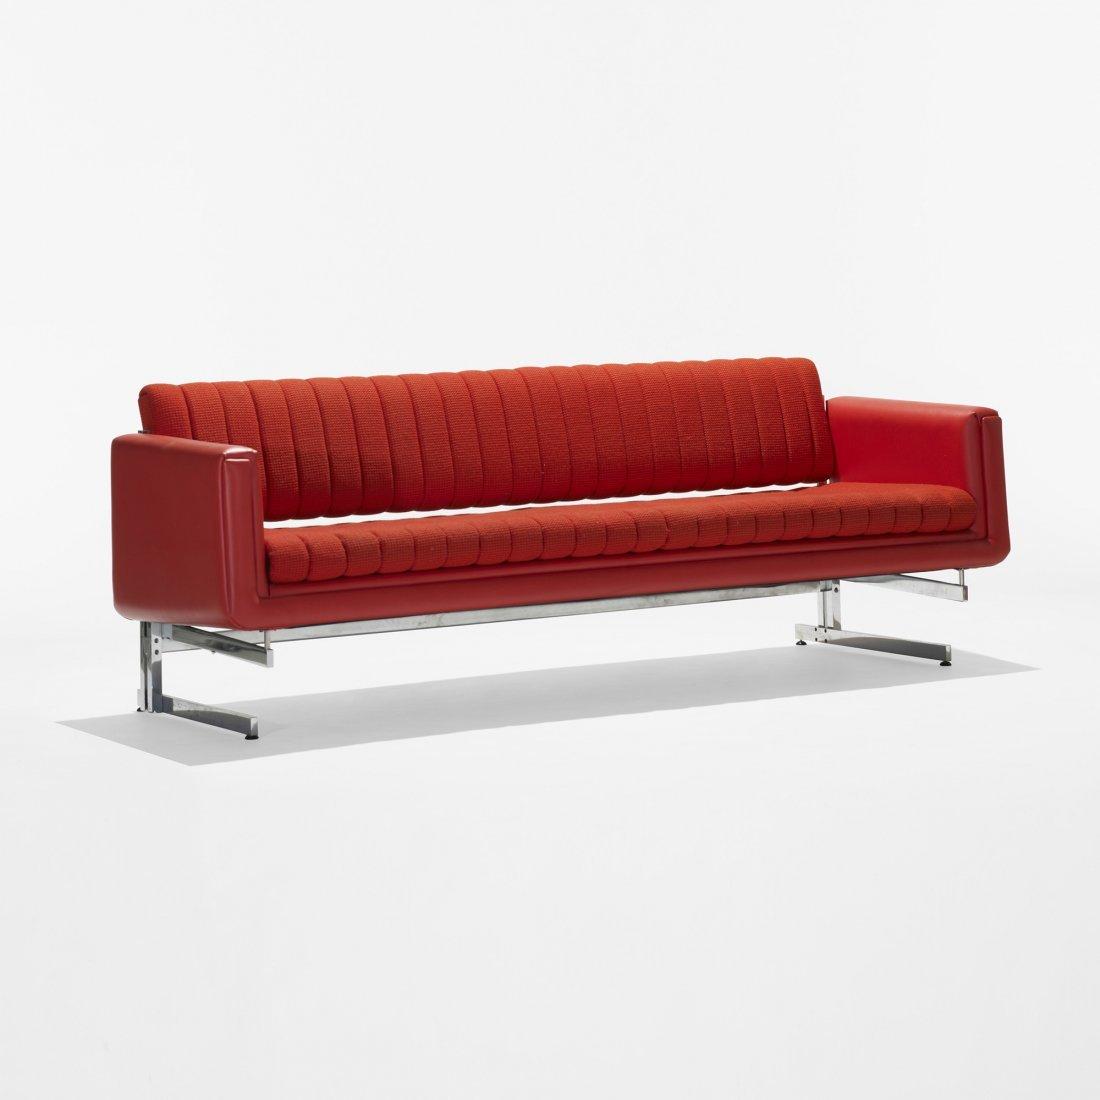 393: Hugh Acton sofa